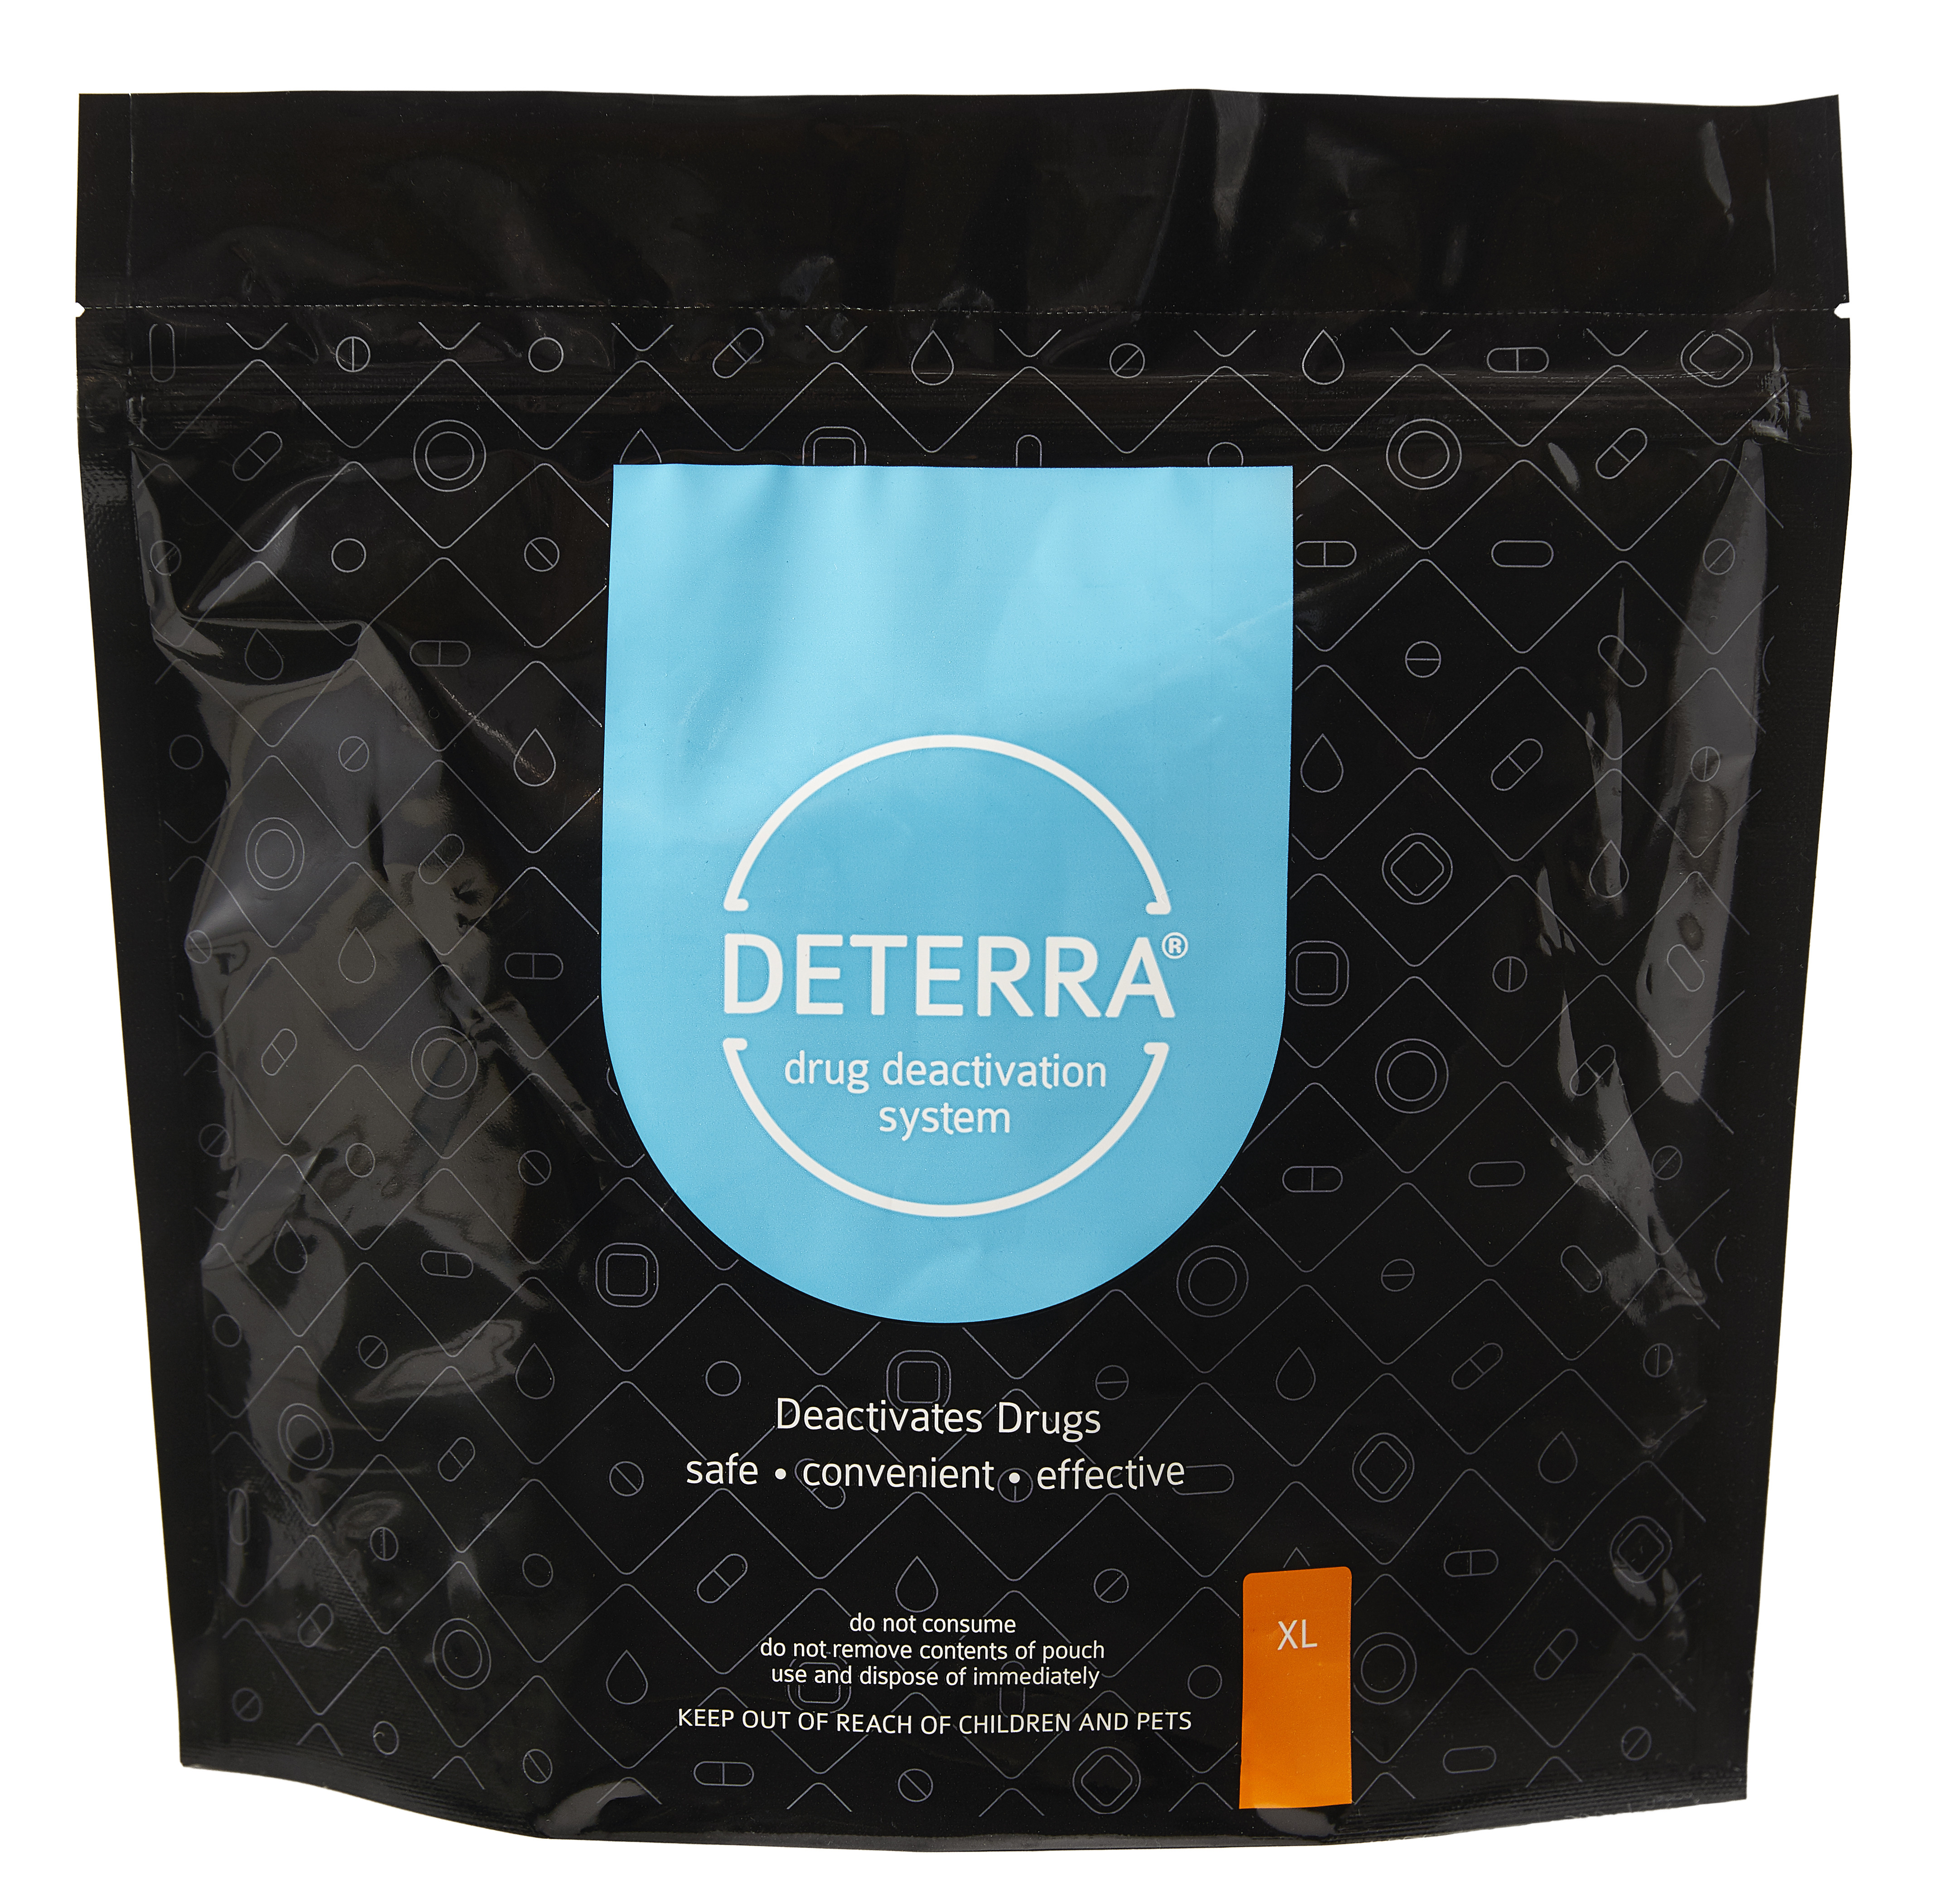 Deterra® Drug Deactivation System, X-Large Pouch, 450 Pills